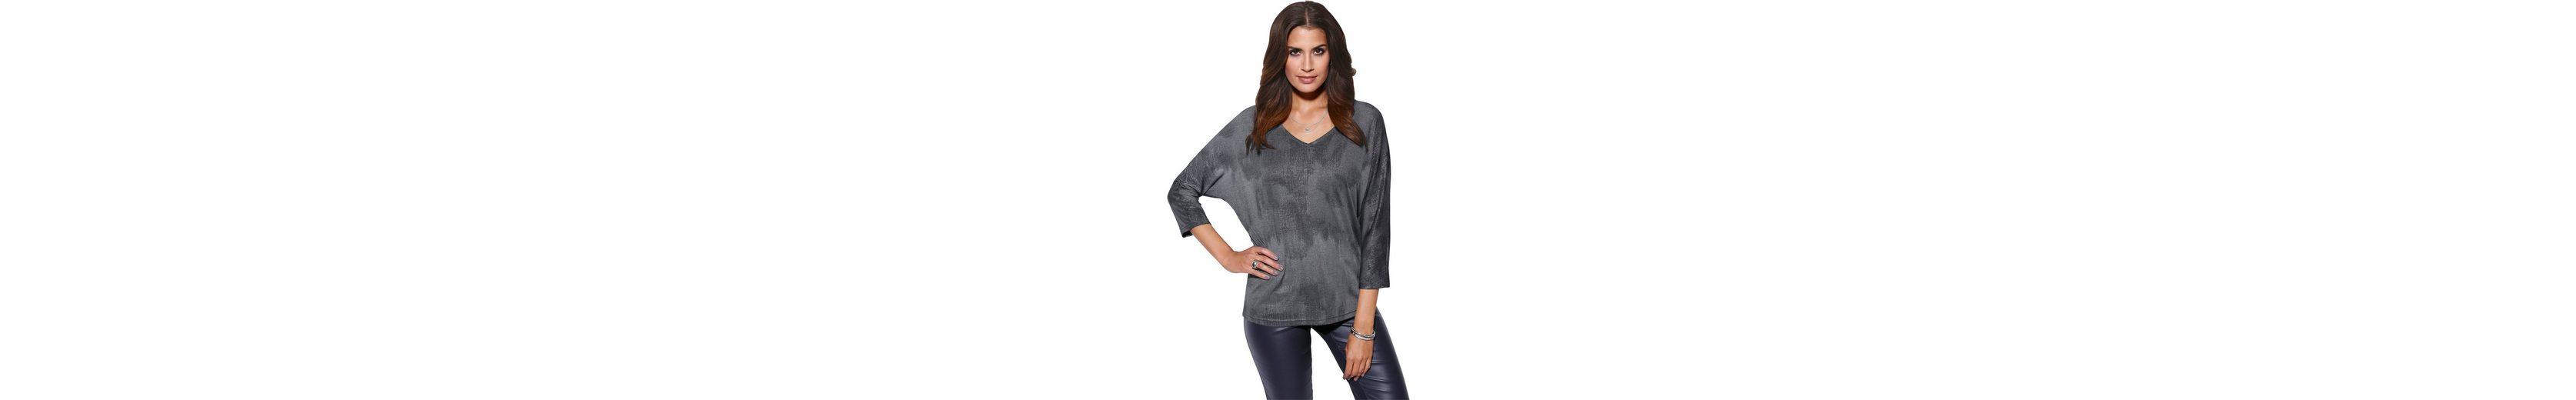 Création L Shirt mit silberfarbigem Überdruck Neue Preiswerte Online Rabatt-Codes Spielraum Store Countdown-Paket gMszWWWix